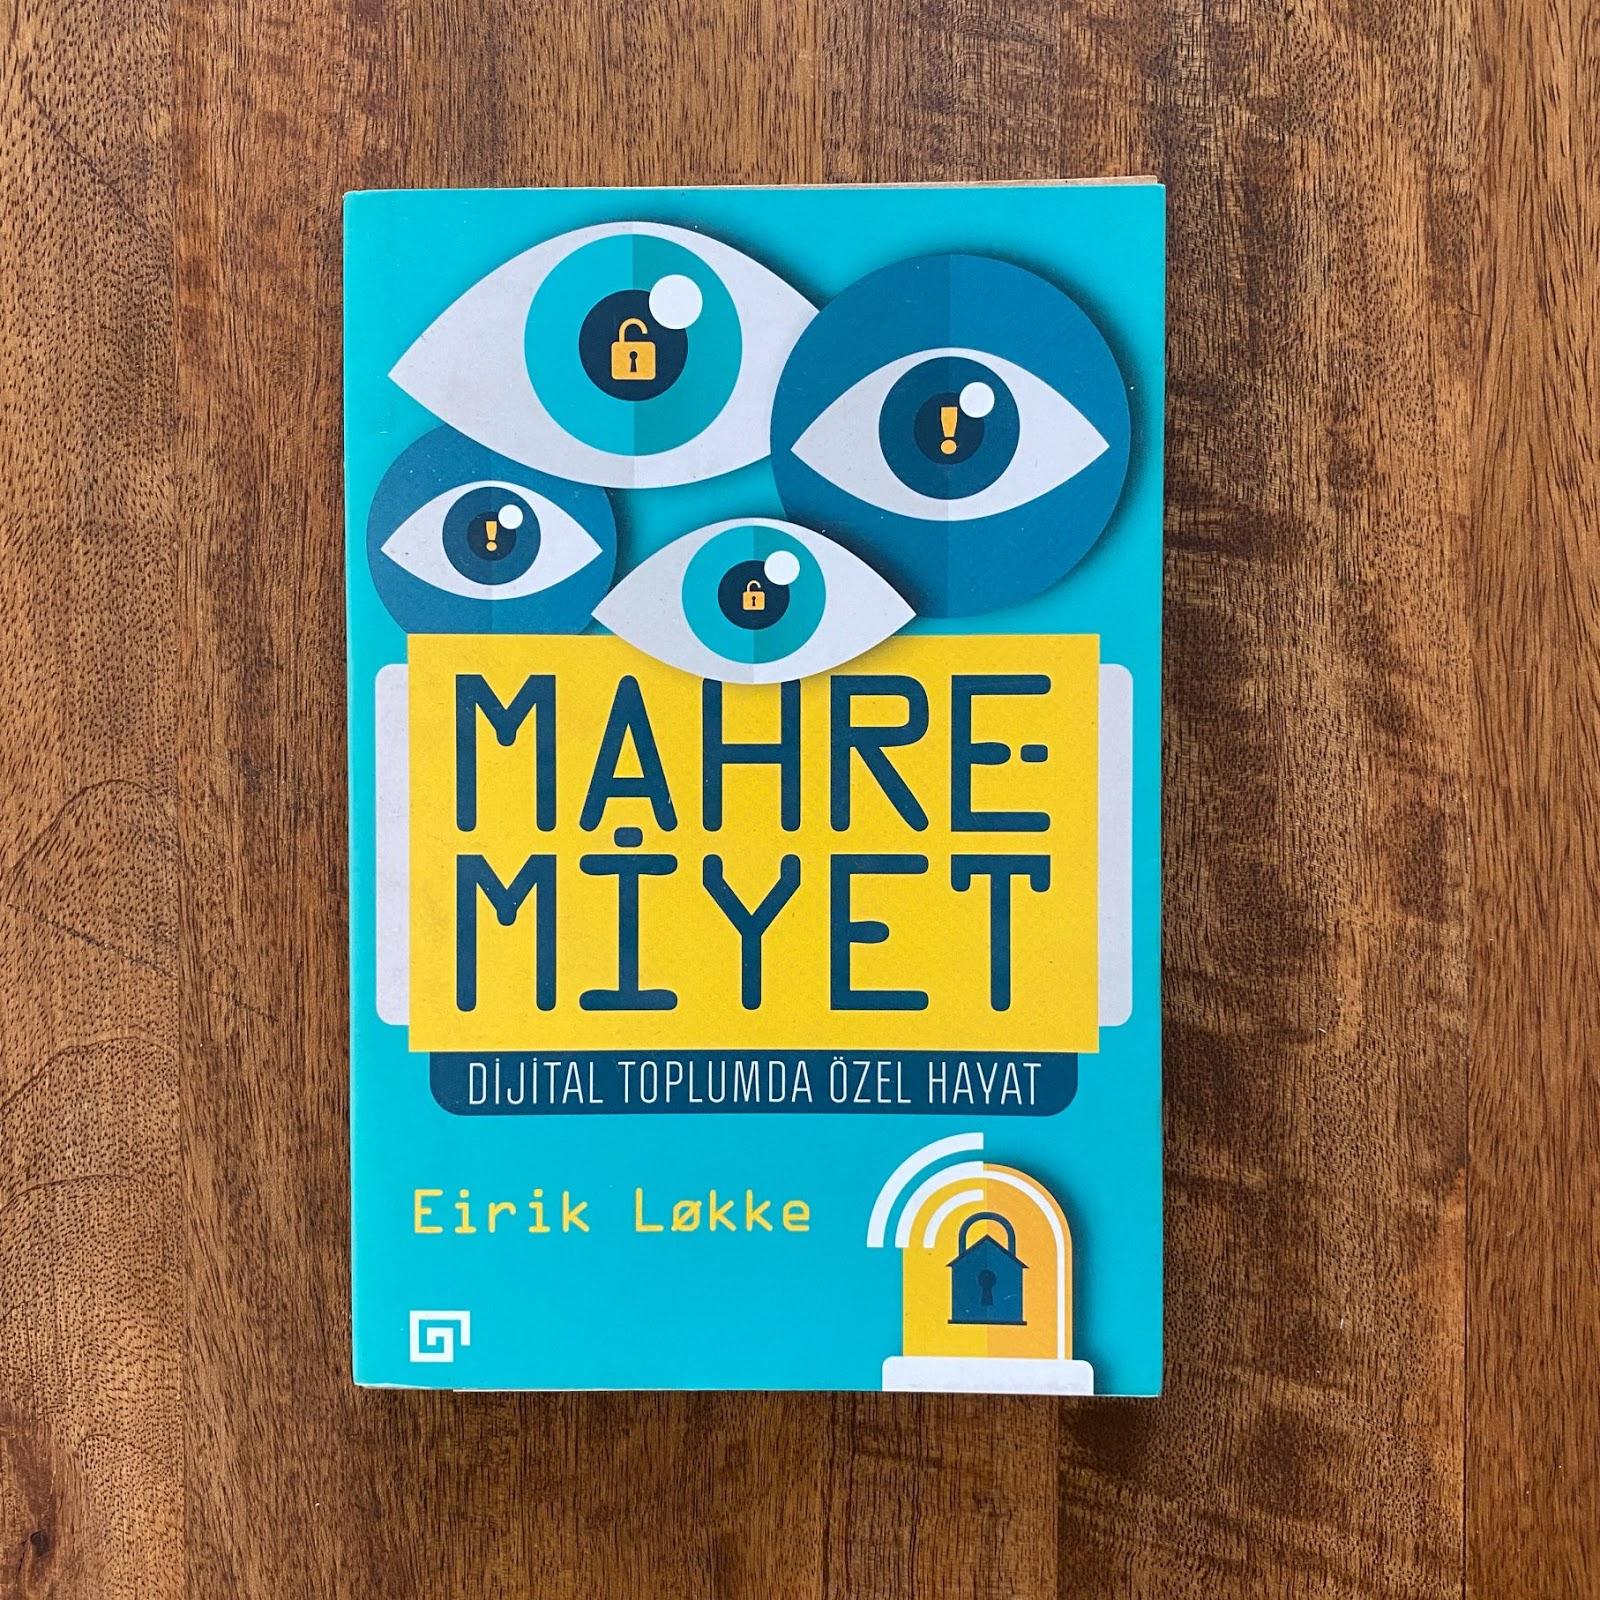 Mahremiyet - Dijital Toplumda Ozel Hayat